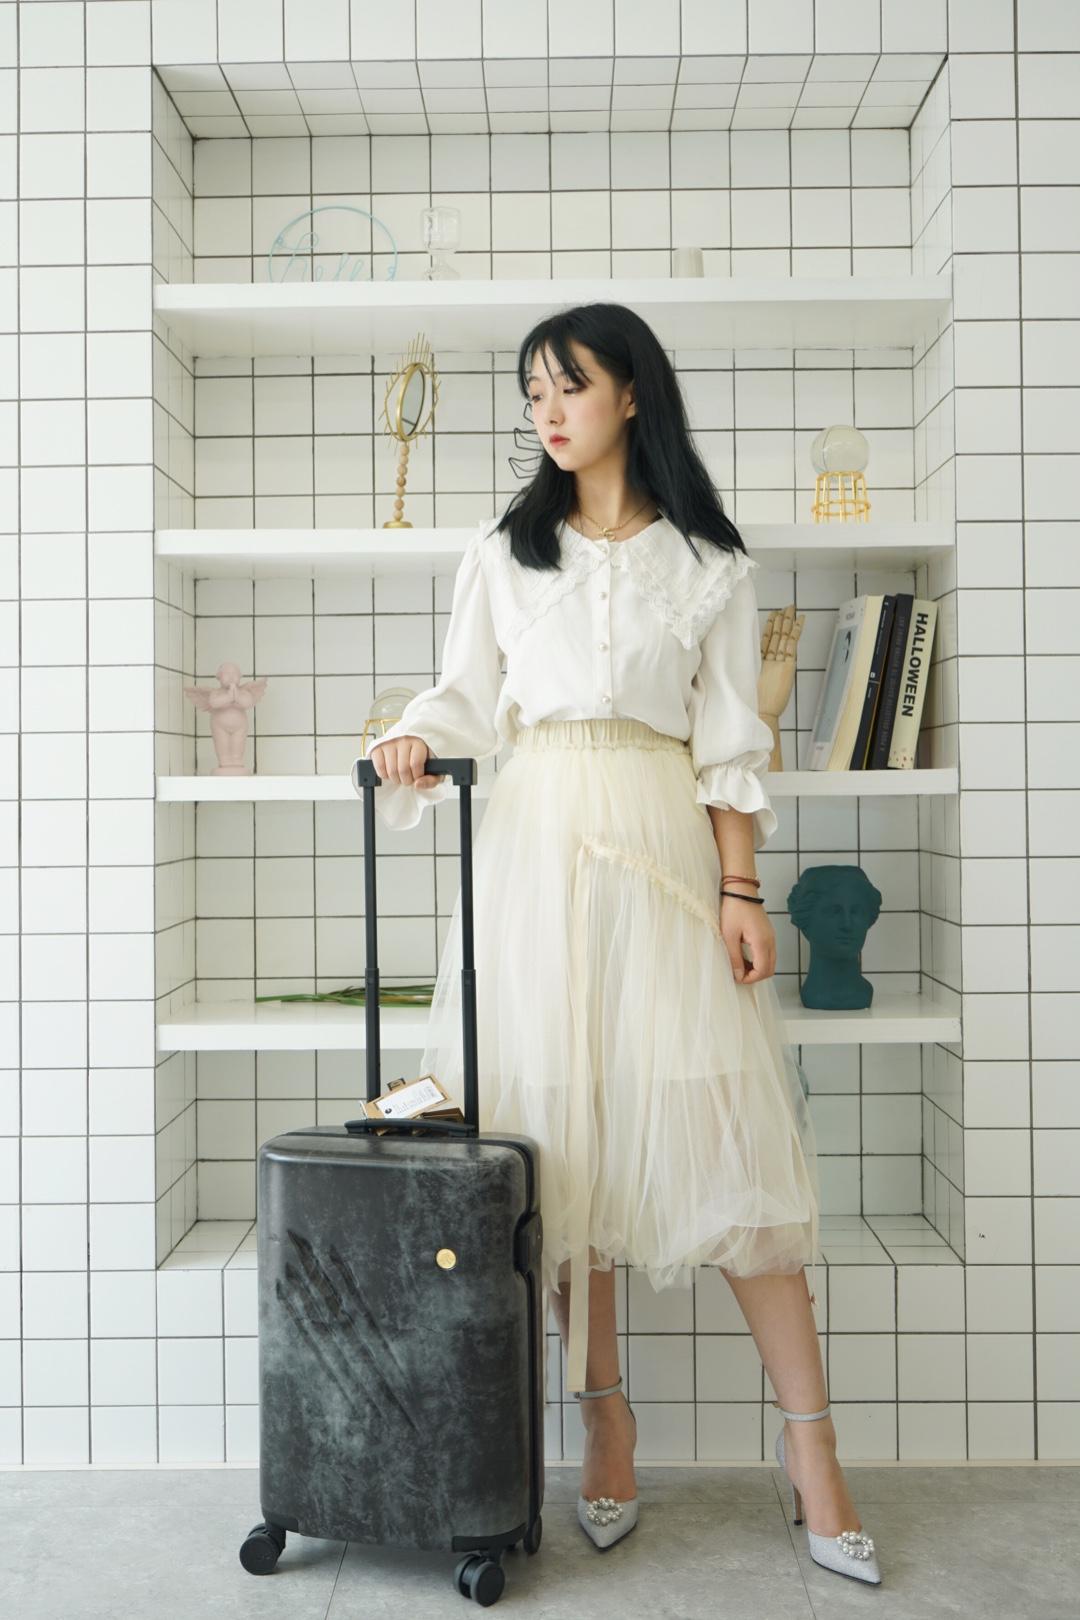 """#旅行style把时髦装""""箱""""#『阿九春日穿搭』 这件纯白色水手服背领蕾丝衬衣,非常适合日系风格的美少女们春日出游,再搭配系带薄纱蓬蓬裙,再拉上ITO行李箱,简直少女心爆棚啦"""